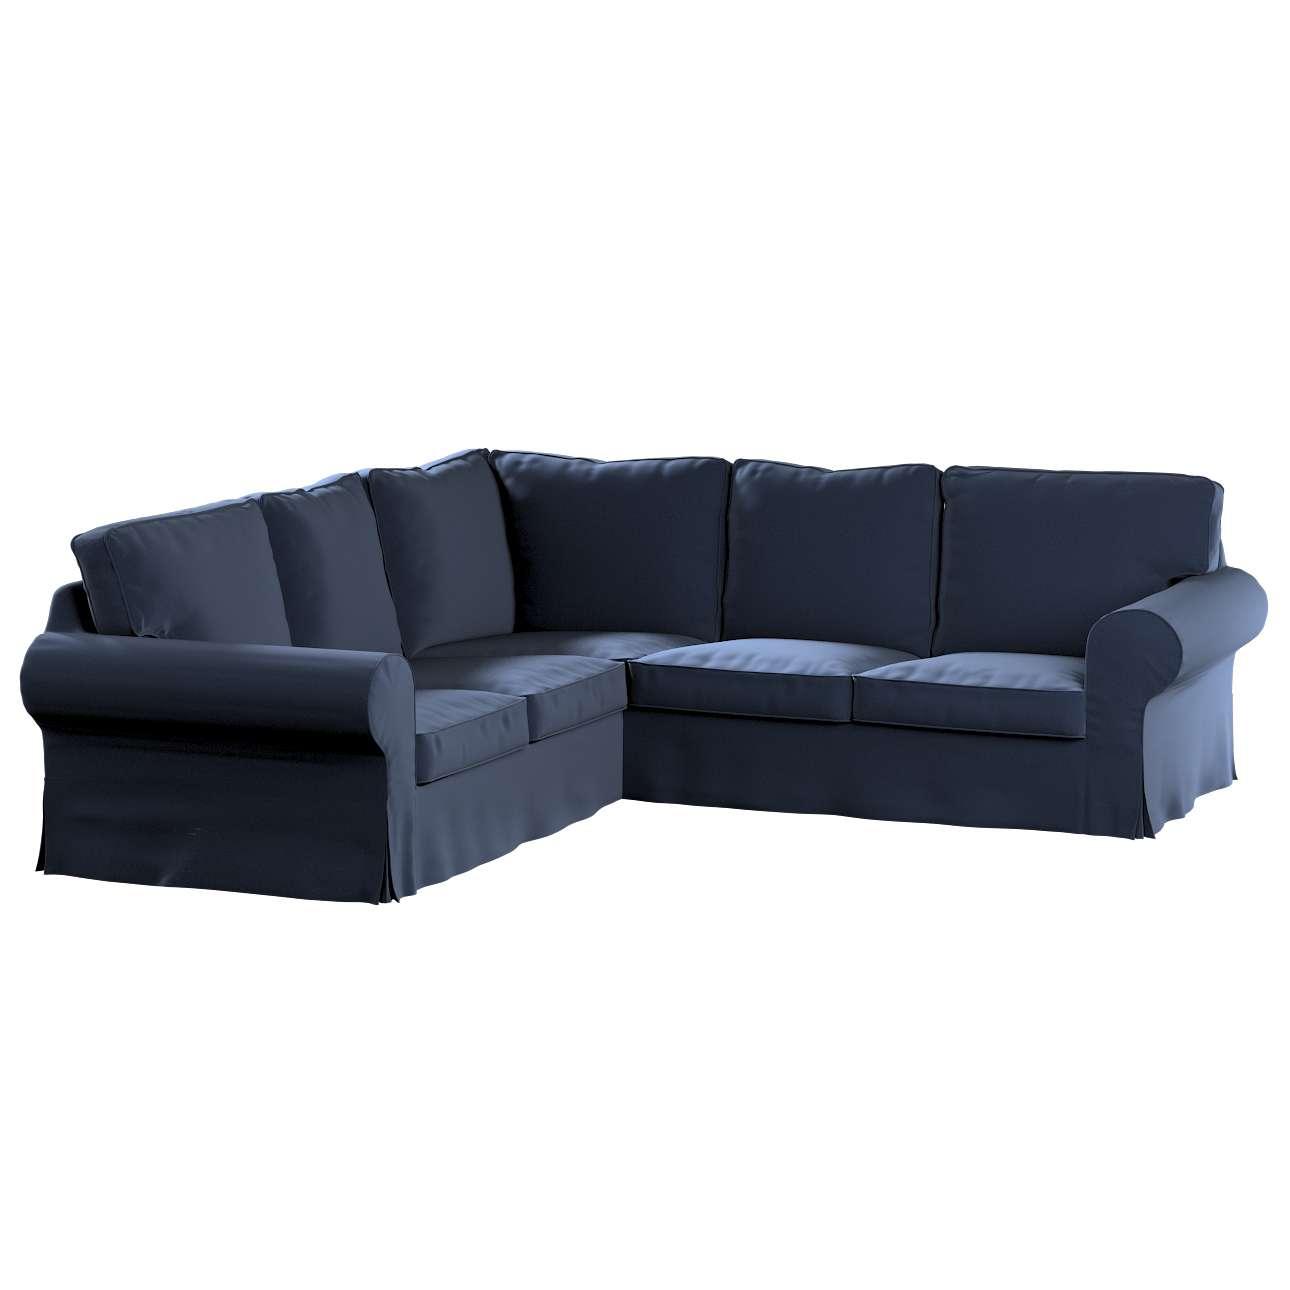 Pokrowiec na sofę narożną Ektorp w kolekcji Ingrid, tkanina: 705-39